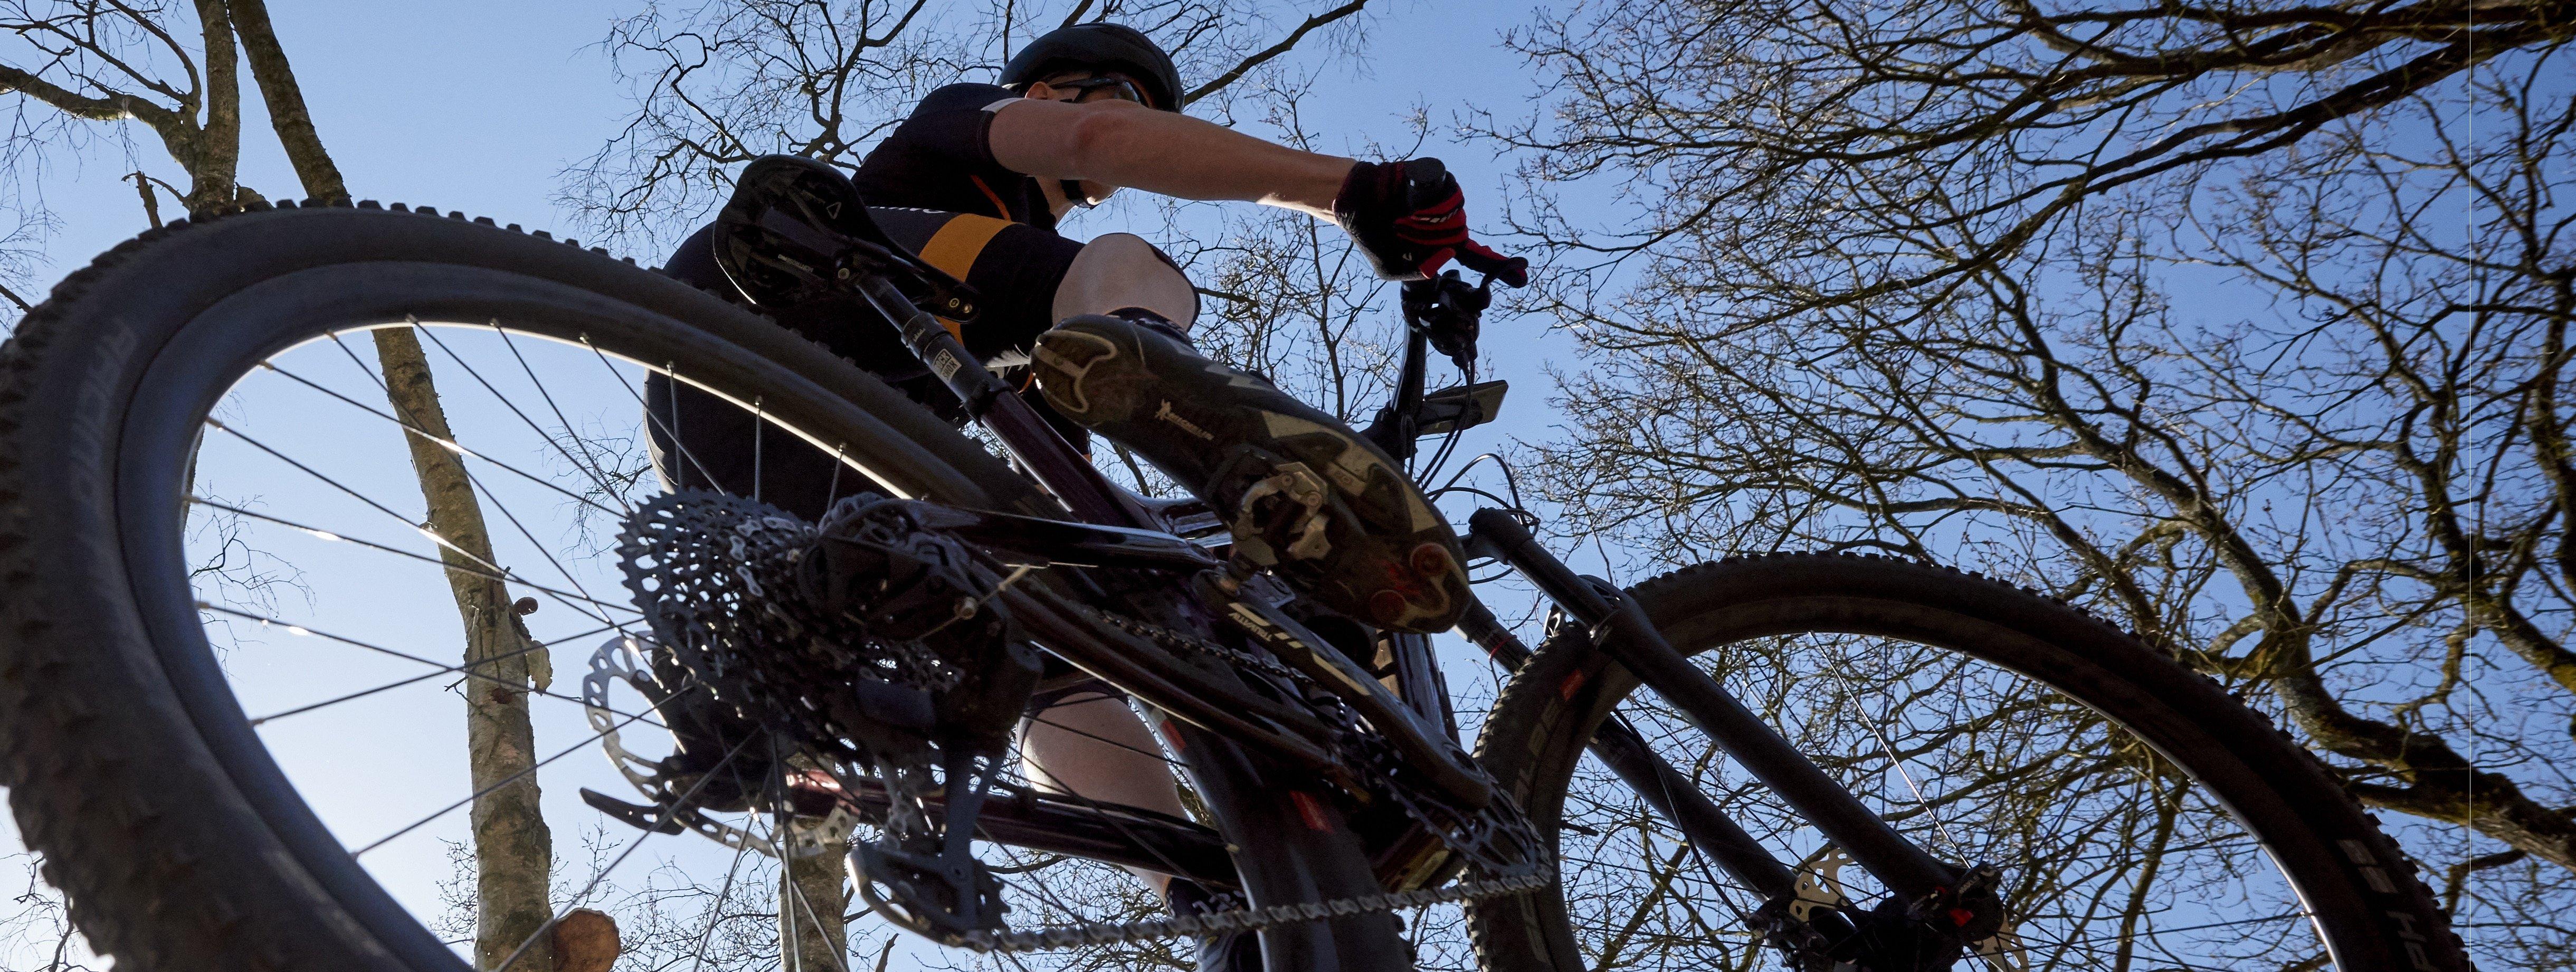 Alles over fietspedalen en toebehoren